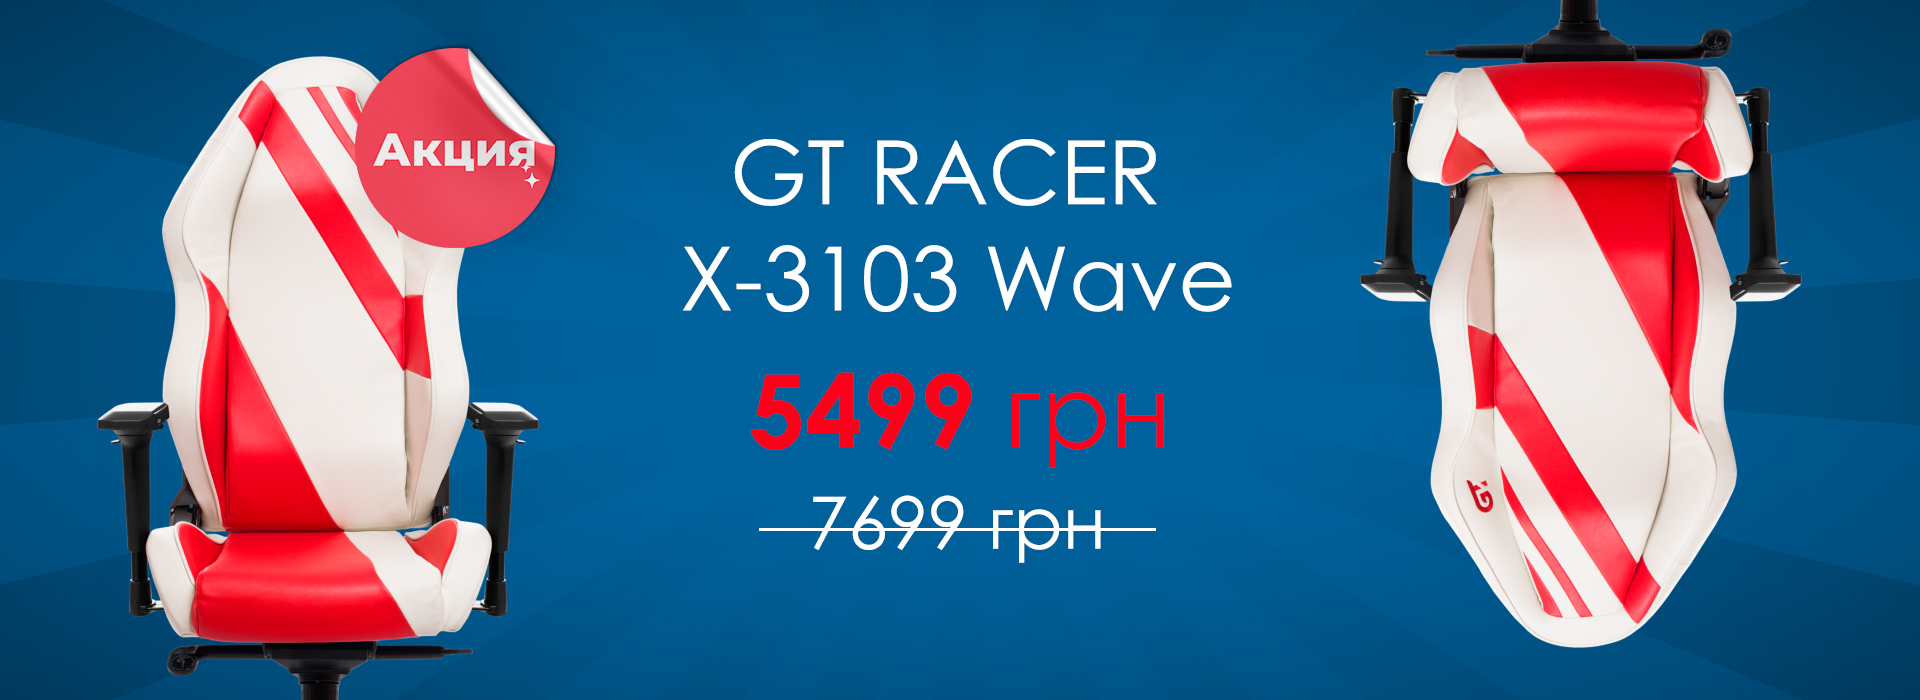 Акция! Скидка на геймерское кресло GT Racer X-3103!